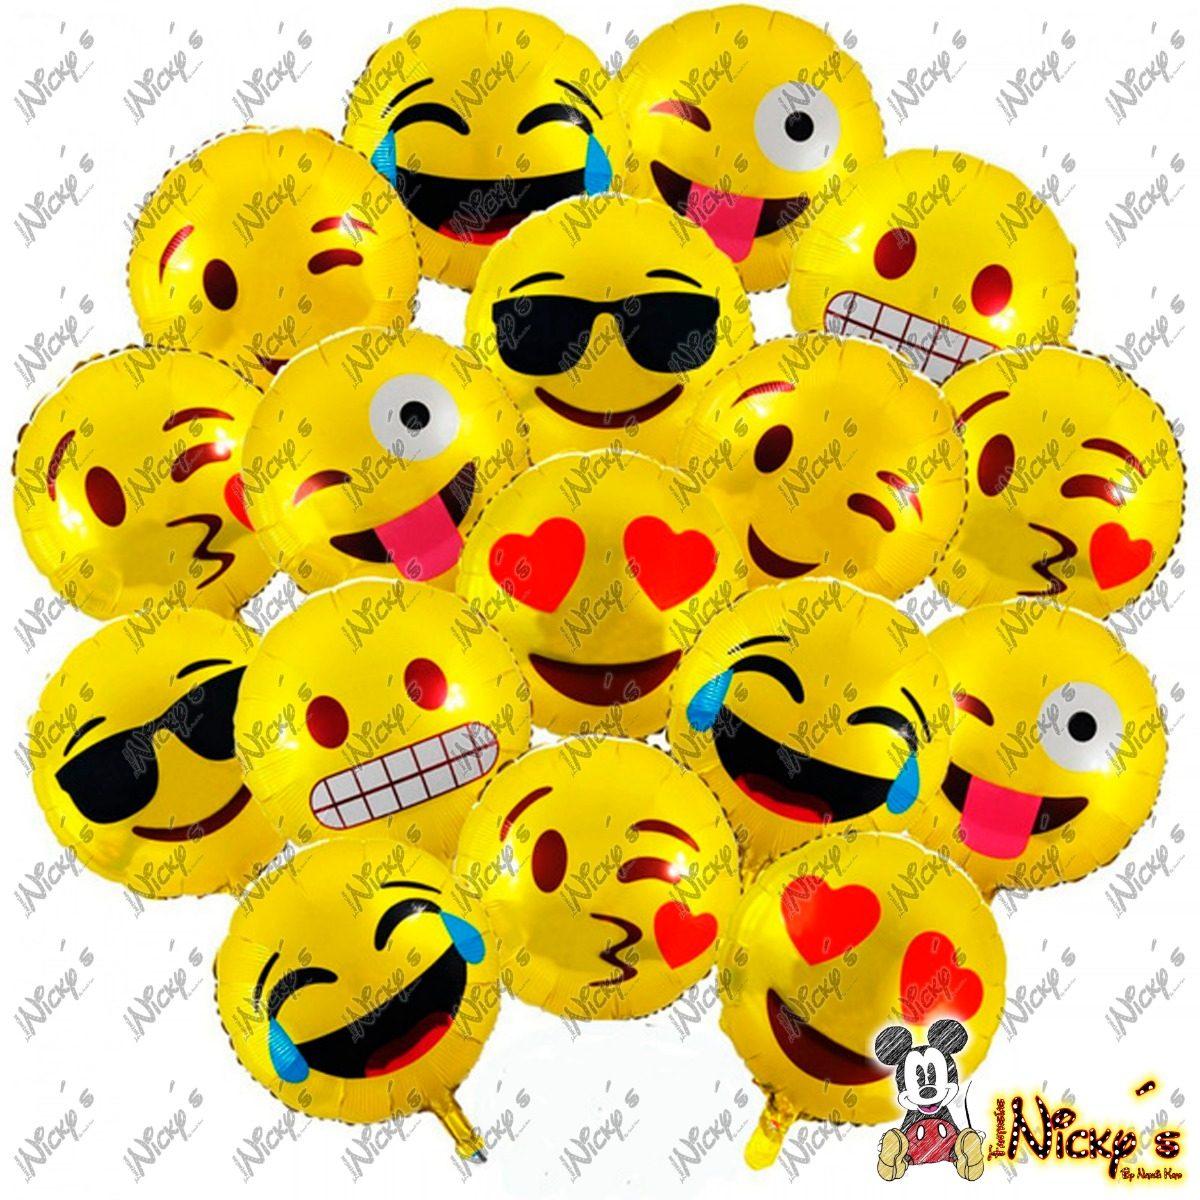 8c994b0f757 50 Globos Emoji